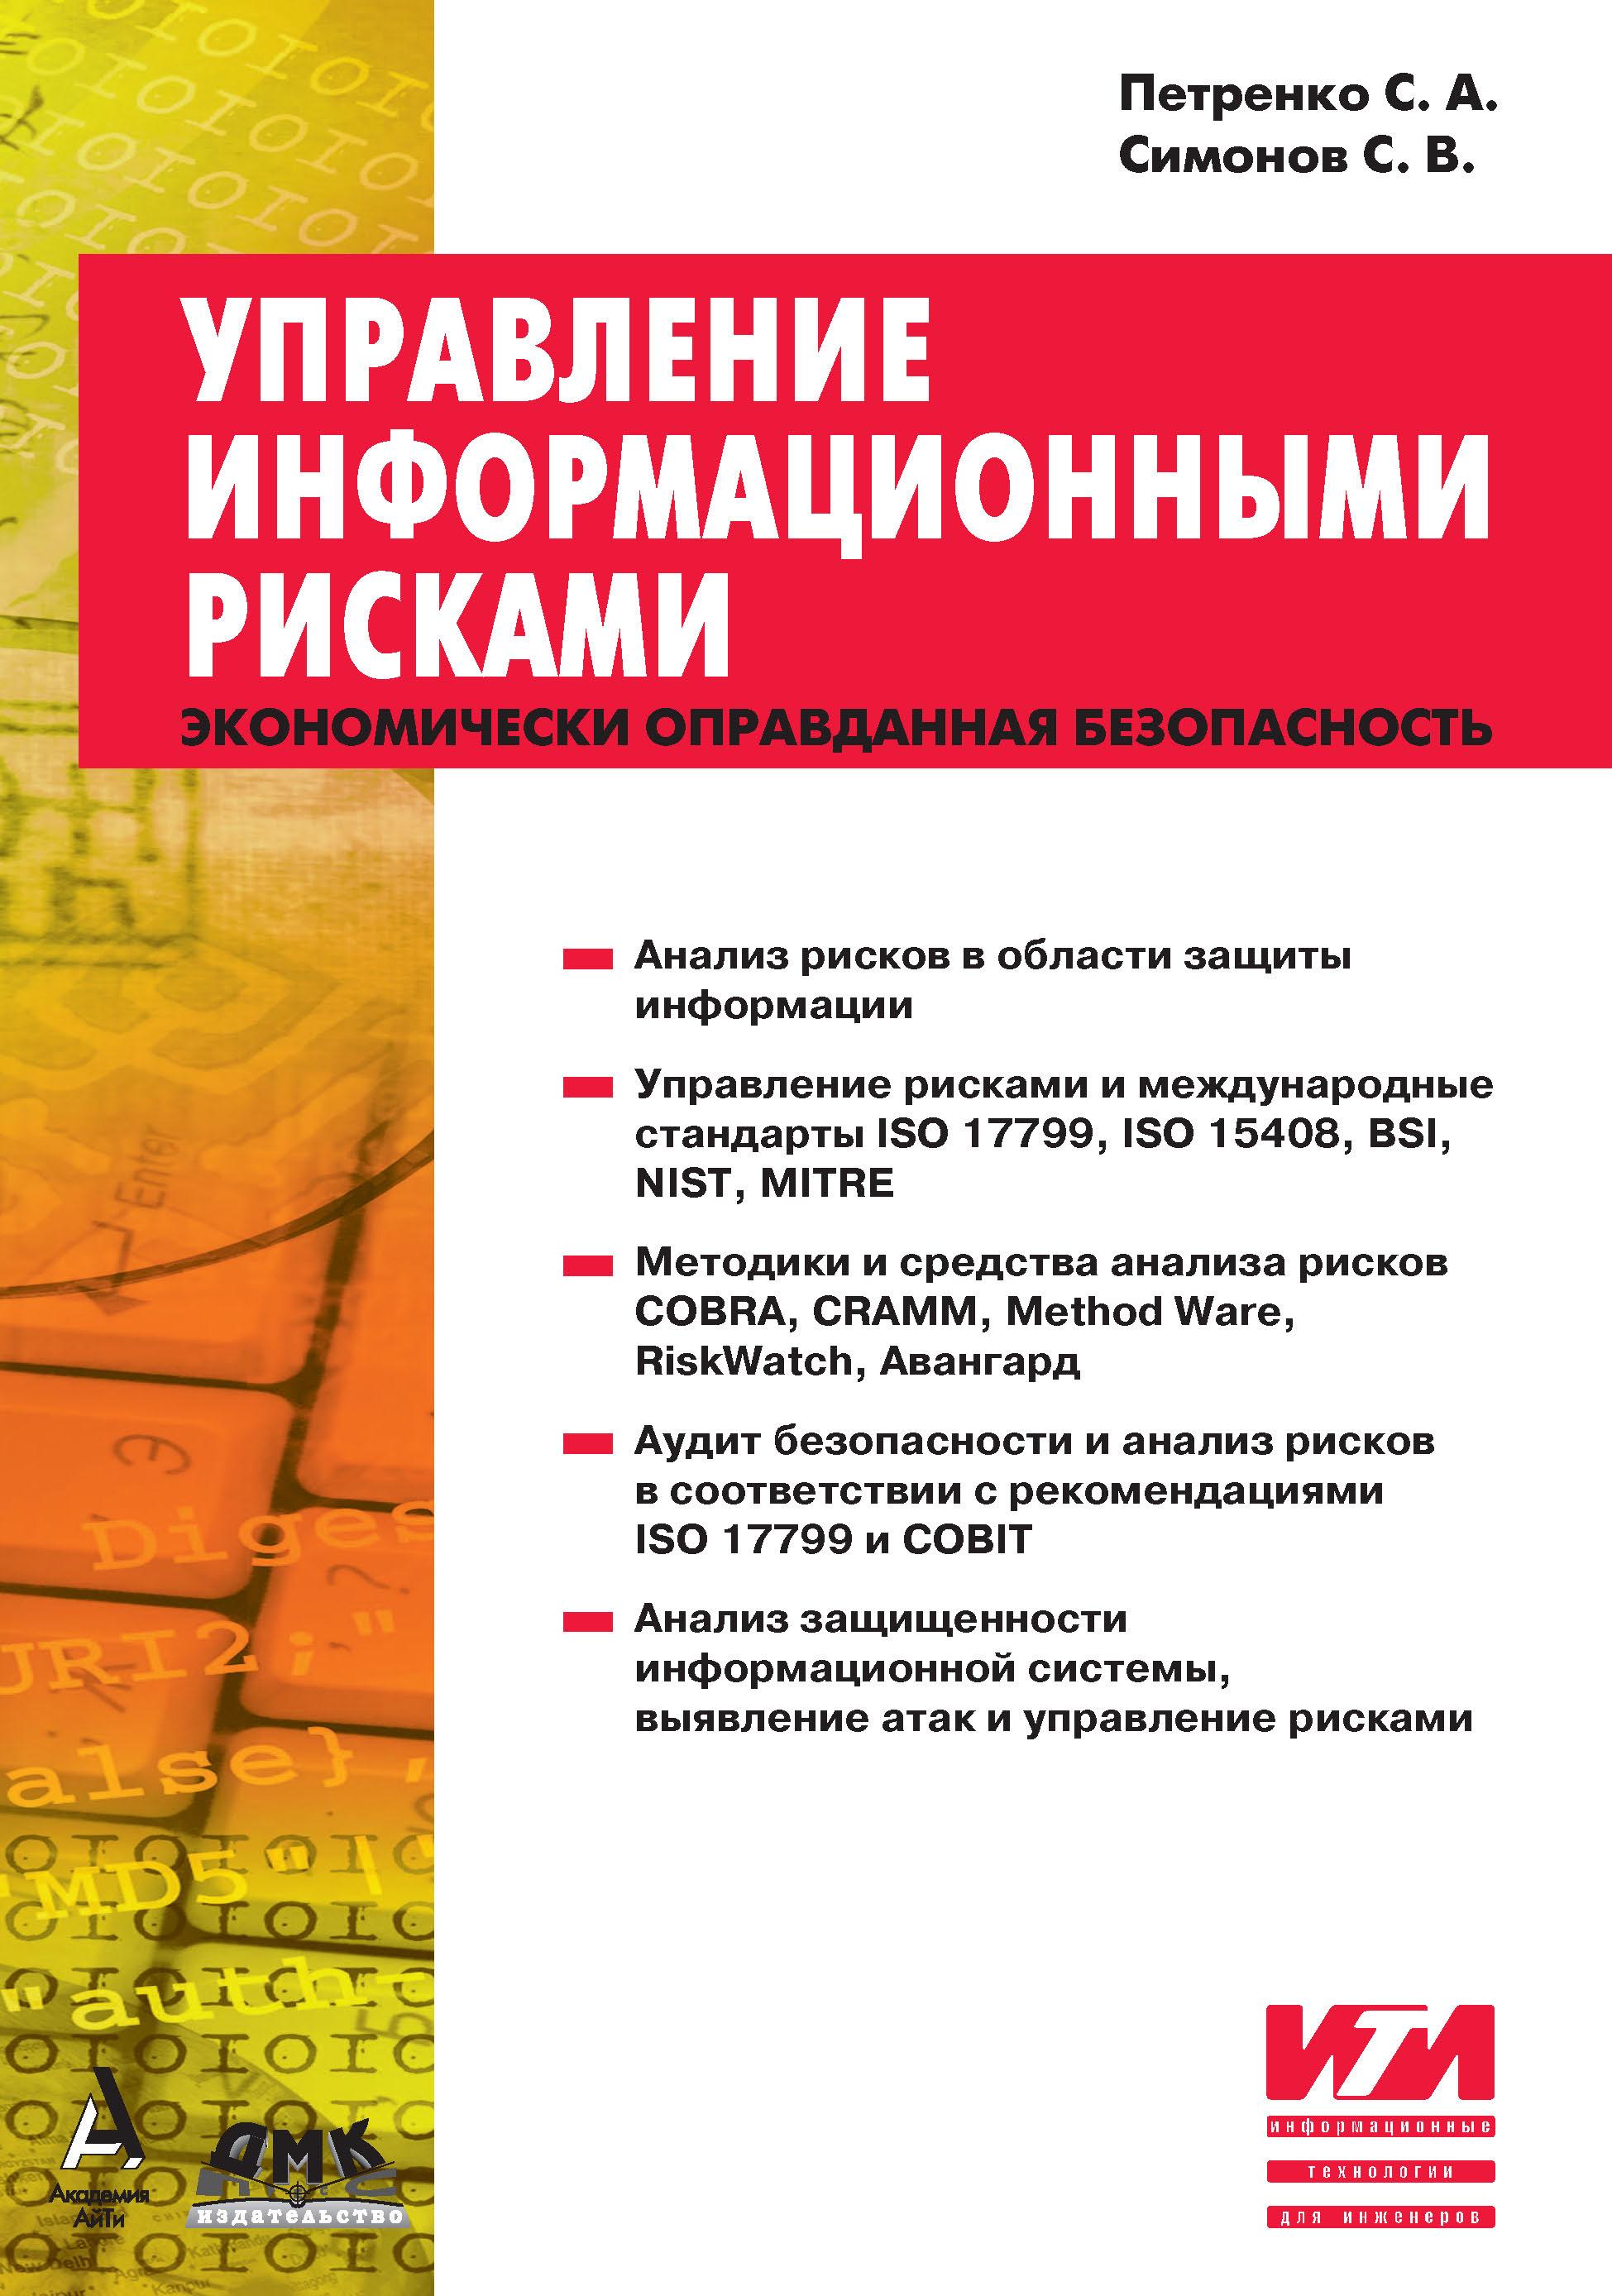 С. А. Петренко Управление информационными рисками в и завгородний оценка расходов на управление информационными рисками прикладных систем